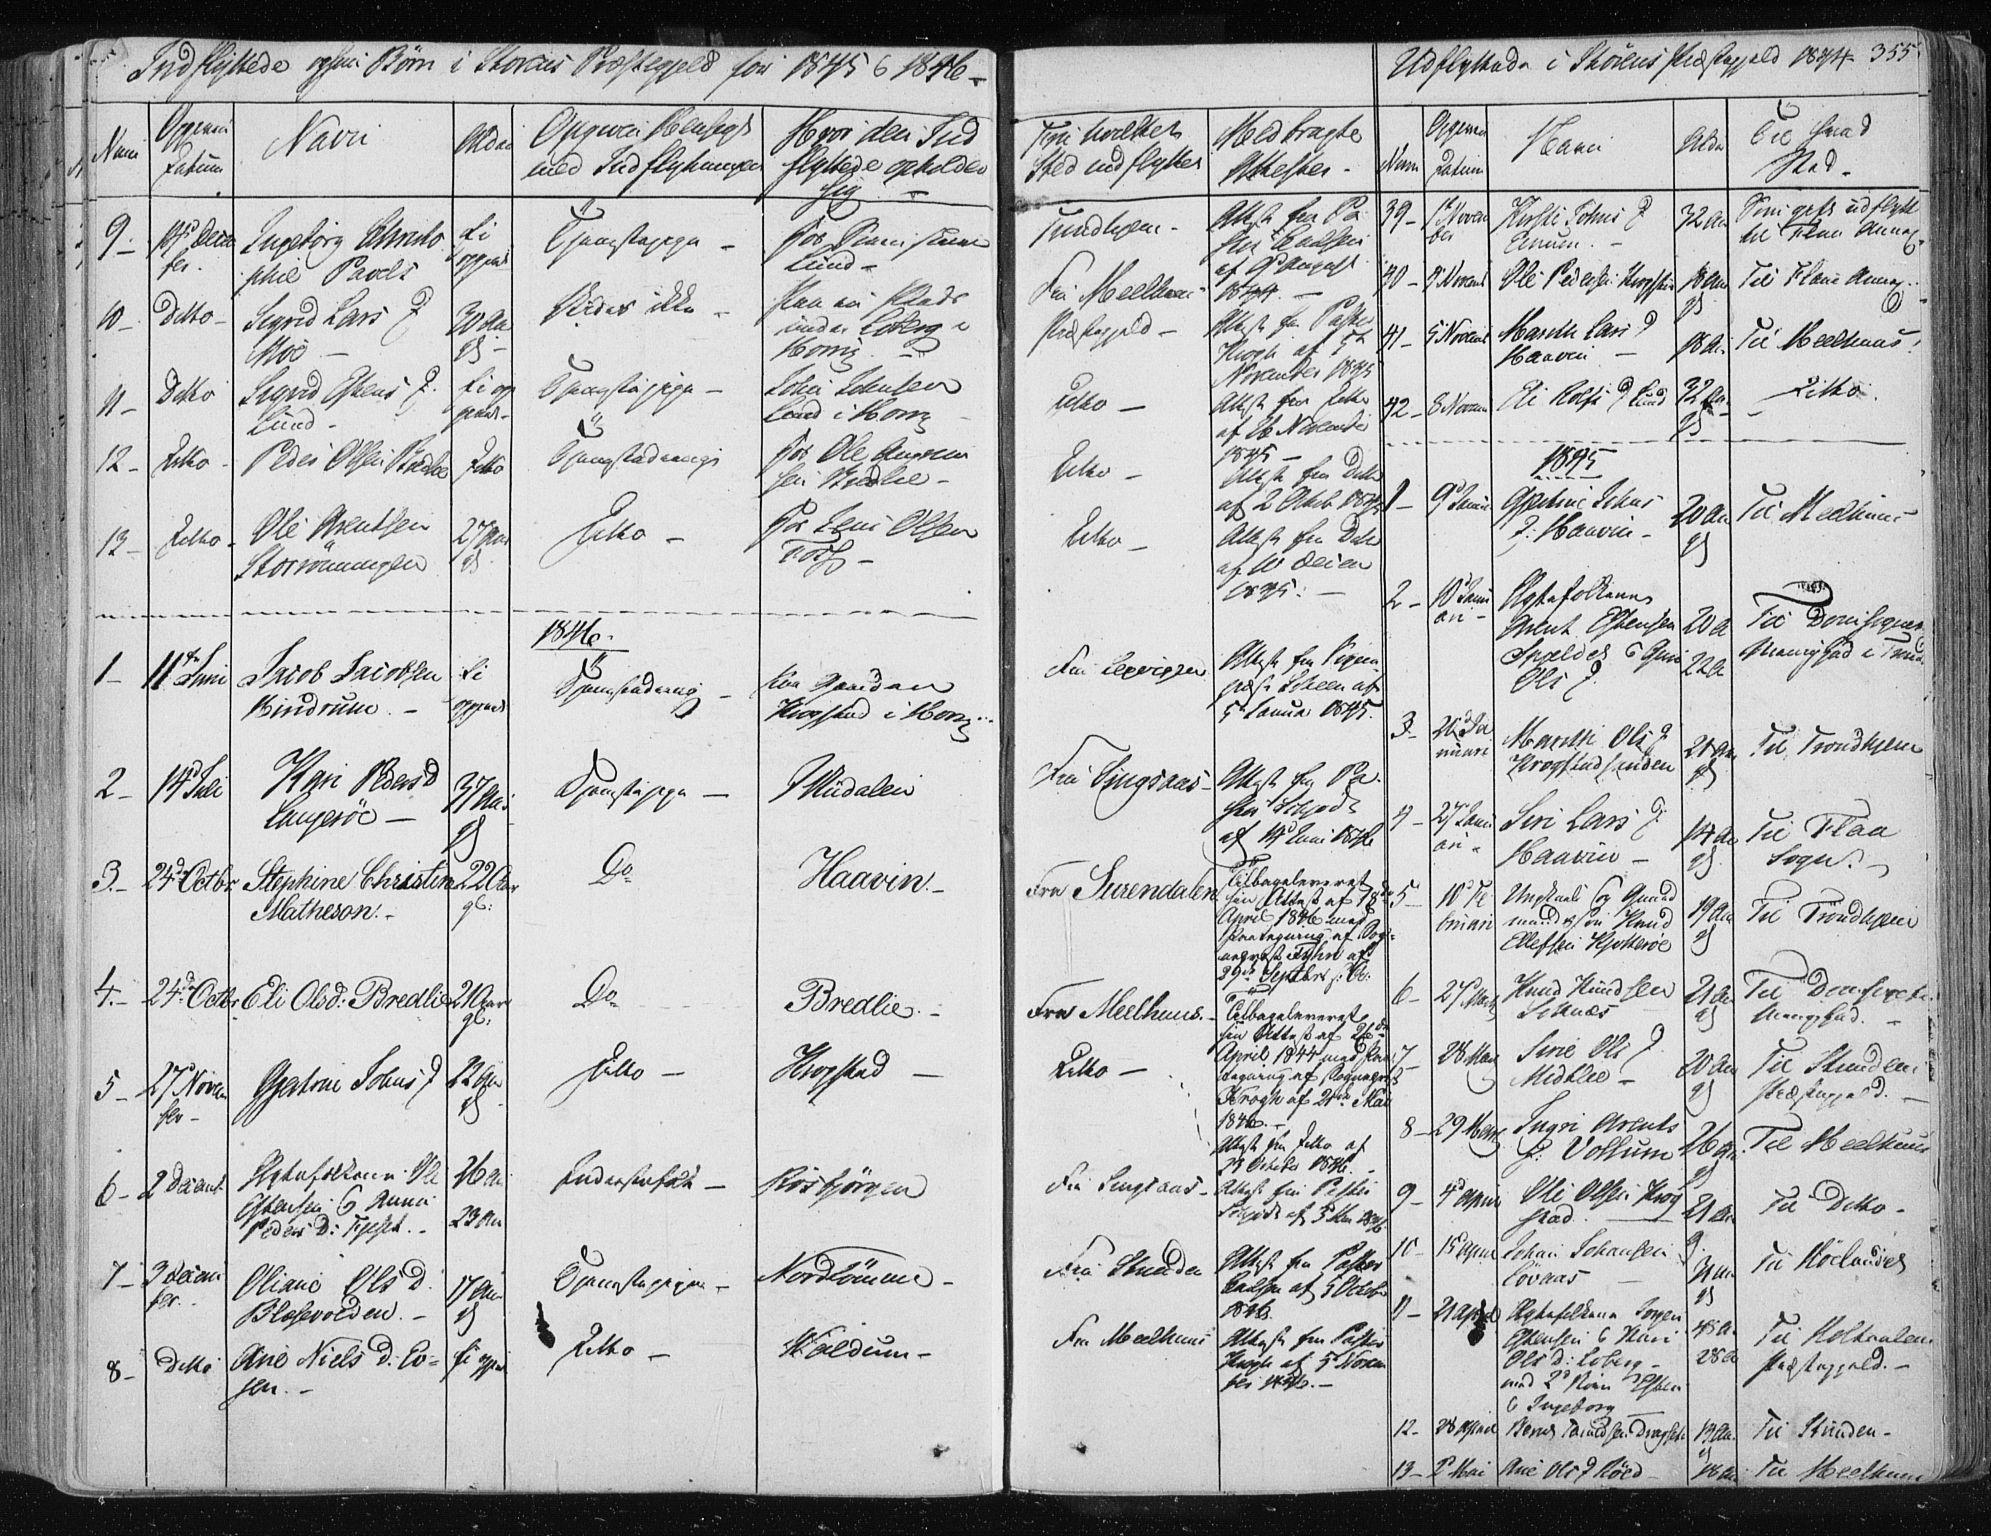 SAT, Ministerialprotokoller, klokkerbøker og fødselsregistre - Sør-Trøndelag, 687/L0997: Ministerialbok nr. 687A05 /1, 1843-1848, s. 355